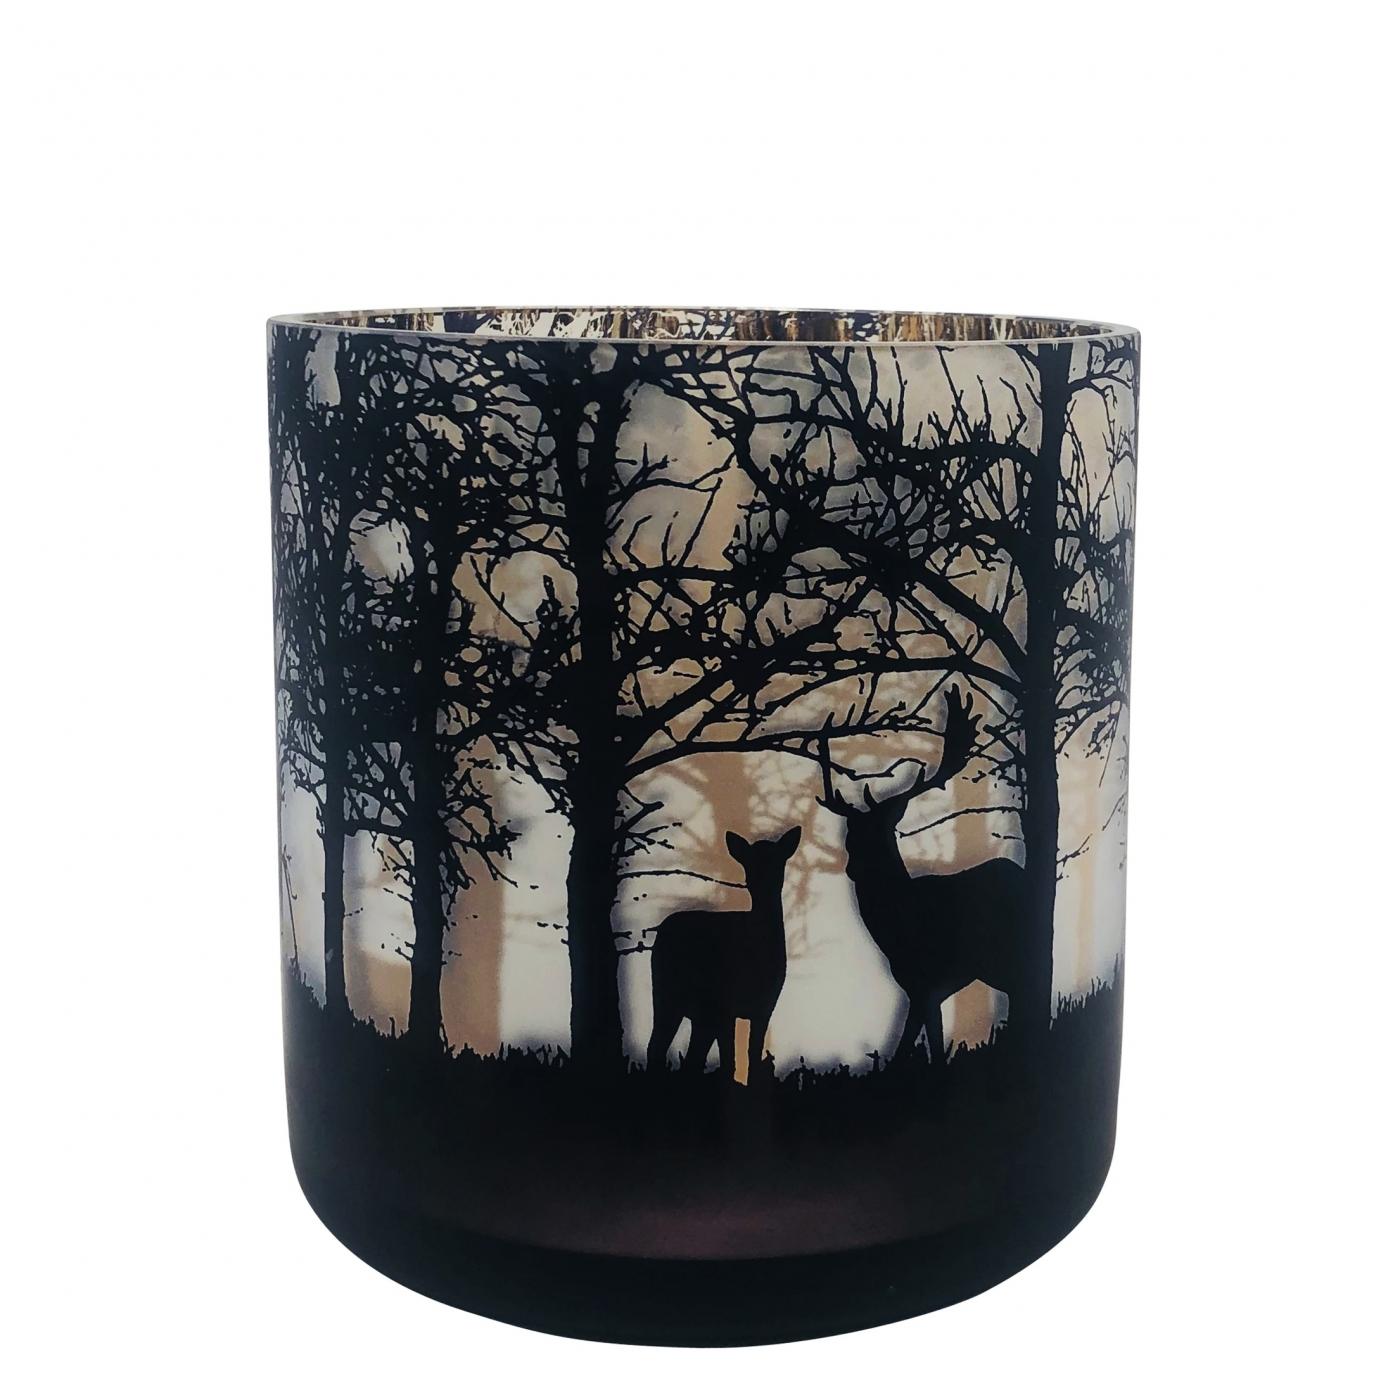 Windlicht schwarz weiß mit Hirschen, L